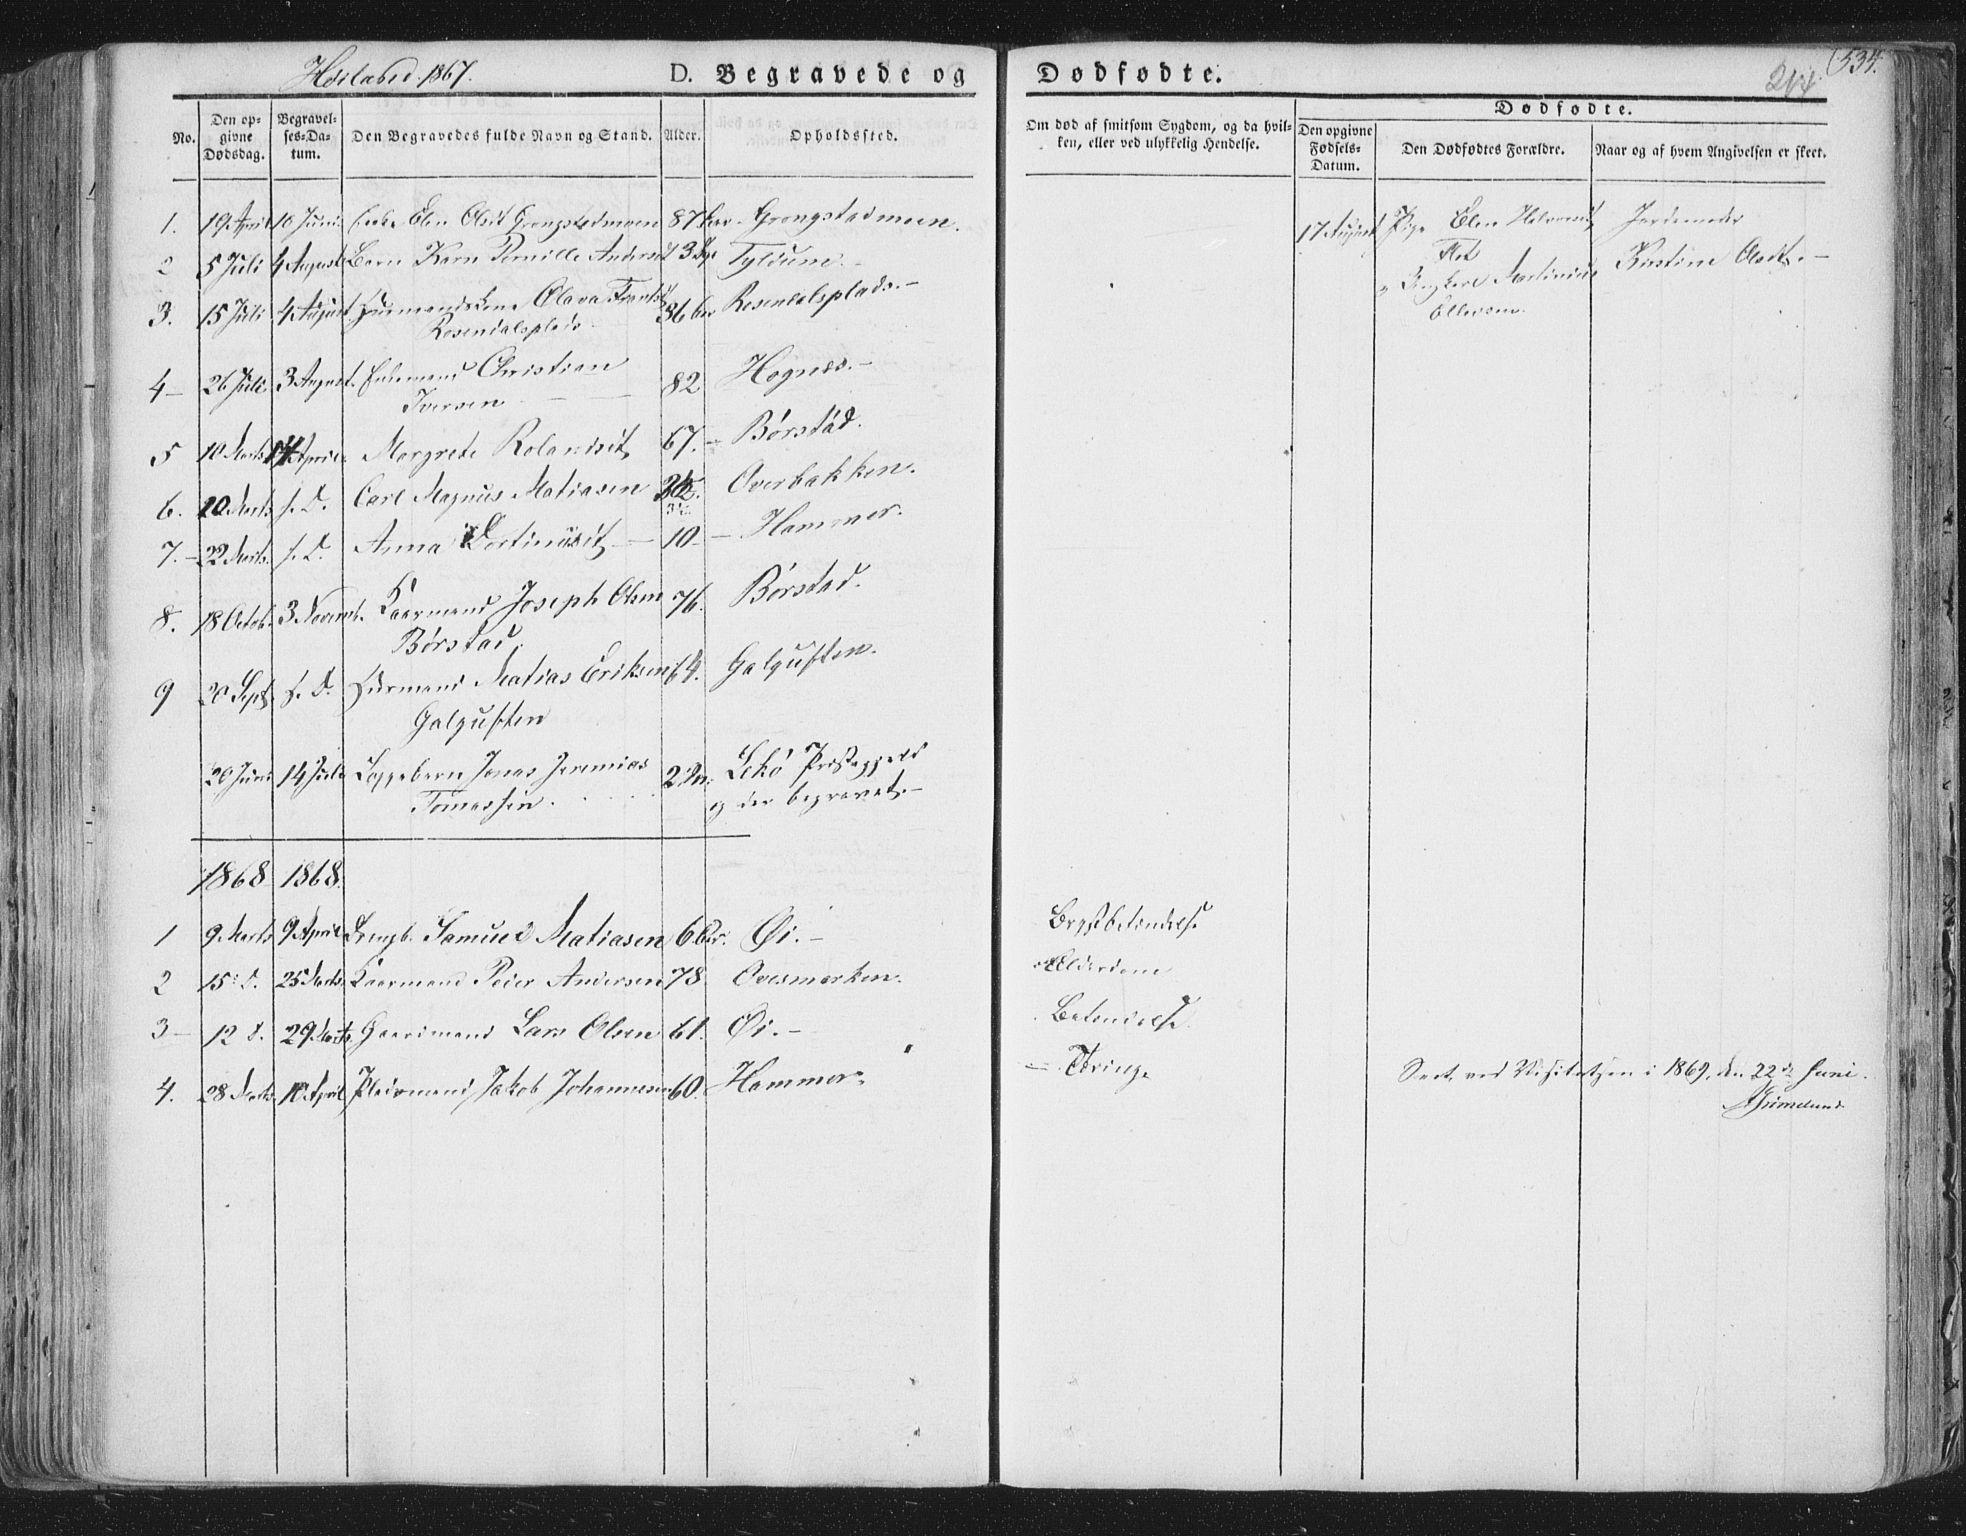 SAT, Ministerialprotokoller, klokkerbøker og fødselsregistre - Nord-Trøndelag, 758/L0513: Ministerialbok nr. 758A02 /2, 1839-1868, s. 214